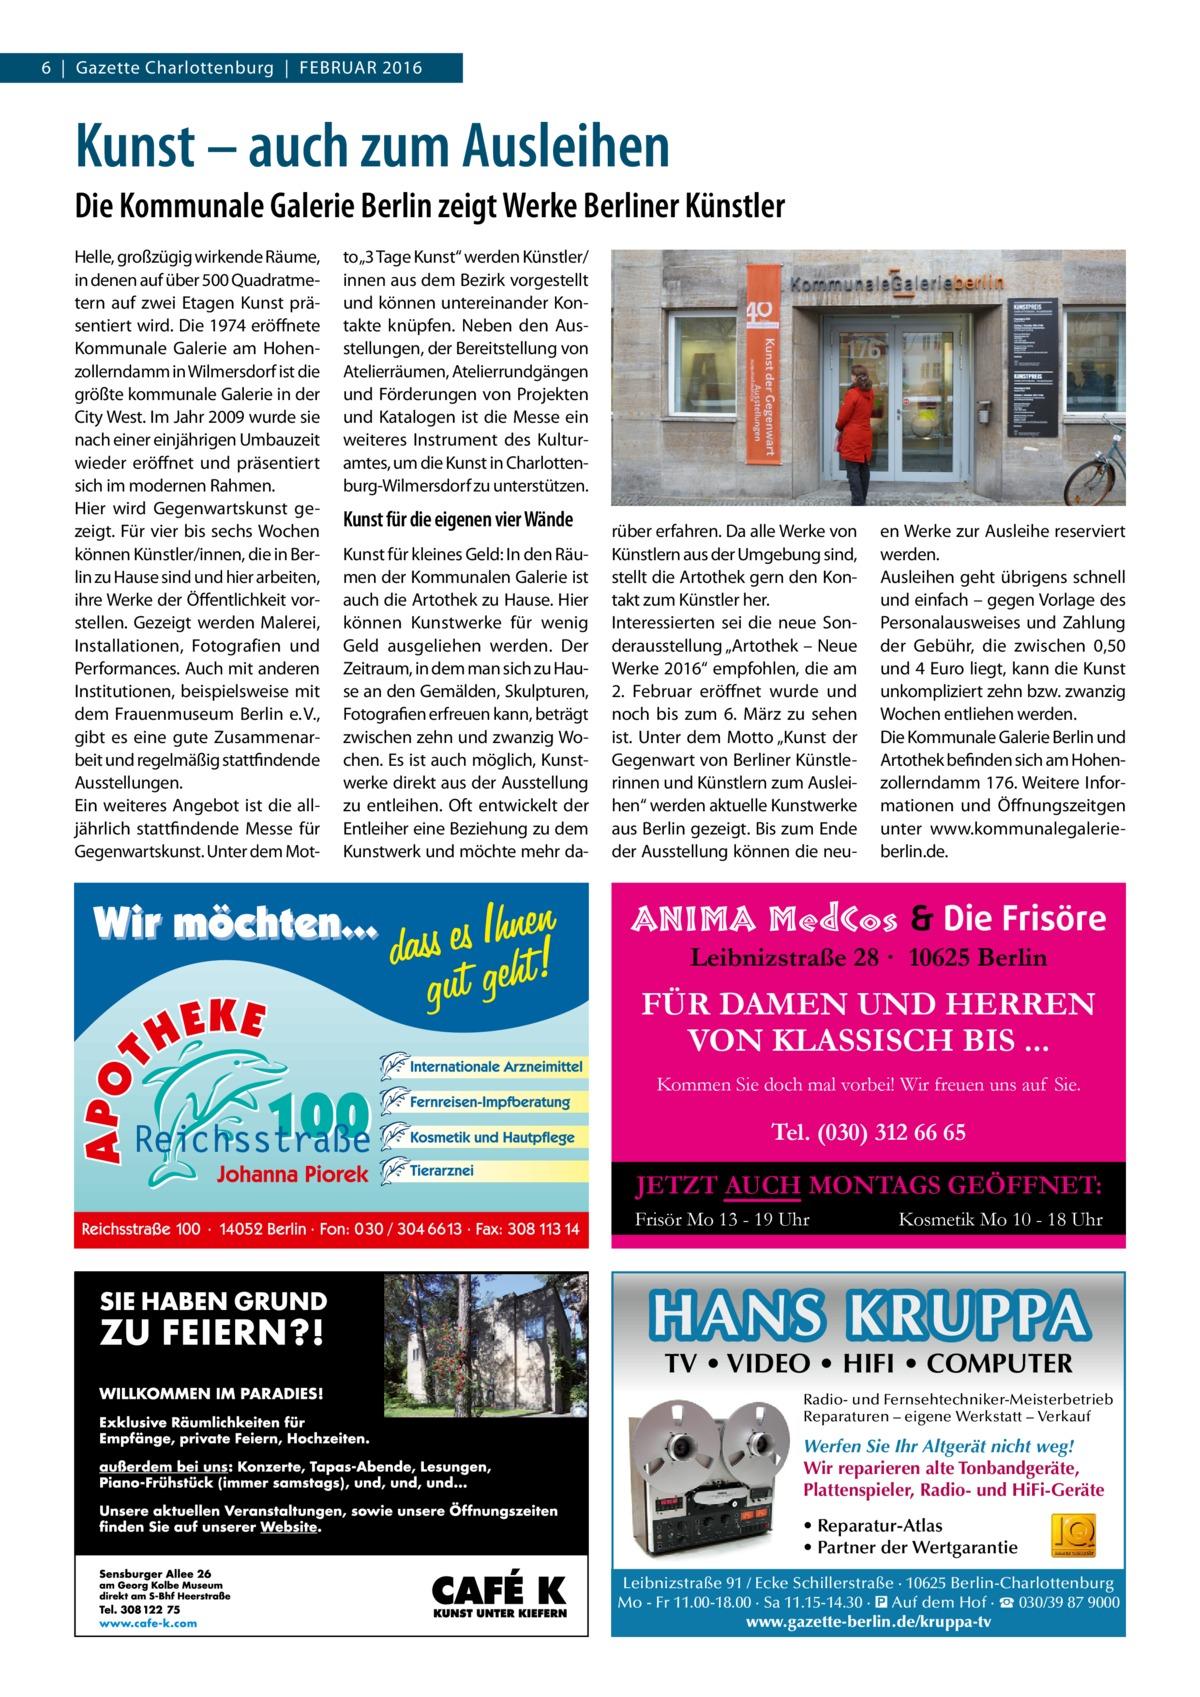 """6 Gazette Charlottenburg Februar 2016  Kunst – auch zum Ausleihen Die Kommunale Galerie Berlin zeigt Werke Berliner Künstler Helle, großzügig wirkende Räume, in denen auf über 500 Quadratmetern auf zwei Etagen Kunst präsentiert wird. Die 1974 eröffnete Kommunale Galerie am Hohenzollerndamm in Wilmersdorf ist die größte kommunale Galerie in der City West. Im Jahr 2009 wurde sie nach einer einjährigen Umbauzeit wieder eröffnet und präsentiert sich im modernen Rahmen. Hier wird Gegenwartskunst gezeigt. Für vier bis sechs Wochen können Künstler/innen, die in Berlin zu Hause sind und hier arbeiten, ihre Werke der Öffentlichkeit vorstellen. Gezeigt werden Malerei, Installationen, Fotografien und Performances. Auch mit anderen Institutionen, beispielsweise mit dem Frauenmuseum Berlin e.V., gibt es eine gute Zusammenarbeit und regelmäßig stattfindende Ausstellungen. Ein weiteres Angebot ist die alljährlich stattfindende Messe für Gegenwartskunst. Unter dem Mot to""""3 Tage Kunst"""" werden Künstler/ innen aus dem Bezirk vorgestellt und können untereinander Kontakte knüpfen. Neben den Ausstellungen, der Bereitstellung von Atelierräumen, Atelierrundgängen und Förderungen von Projekten und Katalogen ist die Messe ein weiteres Instrument des Kulturamtes, um die Kunst in Charlottenburg-Wilmersdorf zu unterstützen.  Kunst für die eigenen vier Wände Kunst für kleines Geld: In den Räumen der Kommunalen Galerie ist auch die Artothek zu Hause. Hier können Kunstwerke für wenig Geld ausgeliehen werden. Der Zeitraum, in dem man sich zu Hause an den Gemälden, Skulpturen, Fotografien erfreuen kann, beträgt zwischen zehn und zwanzig Wochen. Es ist auch möglich, Kunstwerke direkt aus der Ausstellung zu entleihen. Oft entwickelt der Entleiher eine Beziehung zu dem Kunstwerk und möchte mehr da rüber erfahren. Da alle Werke von Künstlern aus der Umgebung sind, stellt die Artothek gern den Kontakt zum Künstler her. Interessierten sei die neue Sonderausstellung """"Artothek – Neue Werke 2016"""" empfohlen, """